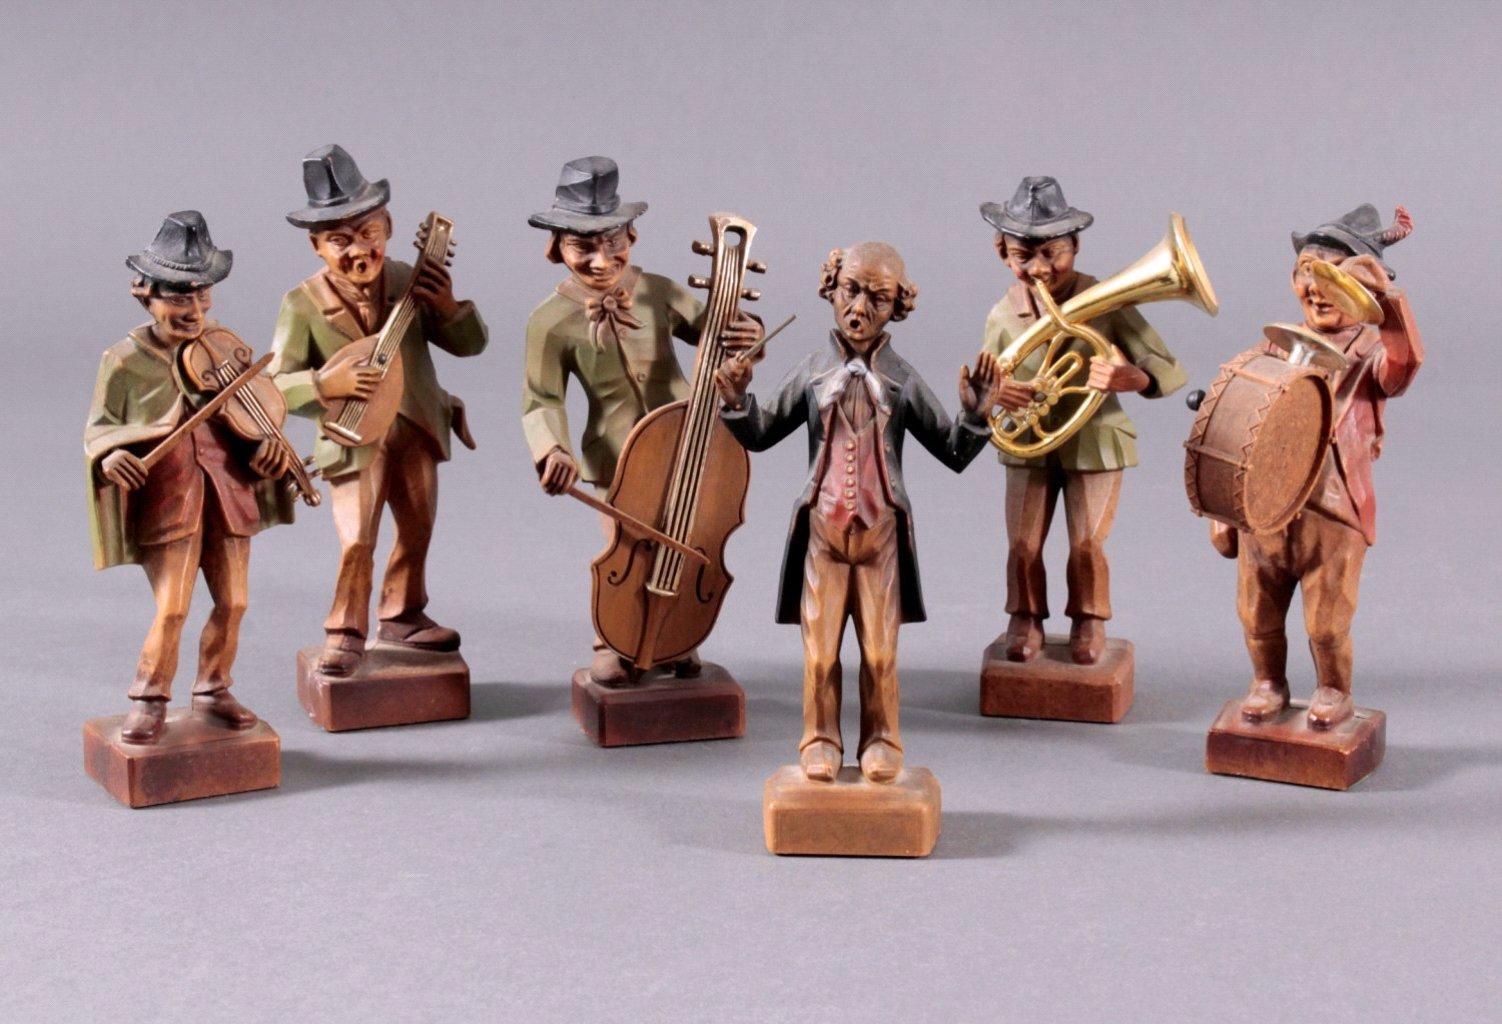 Sechs Holzfiguren-Orchester, um 1900